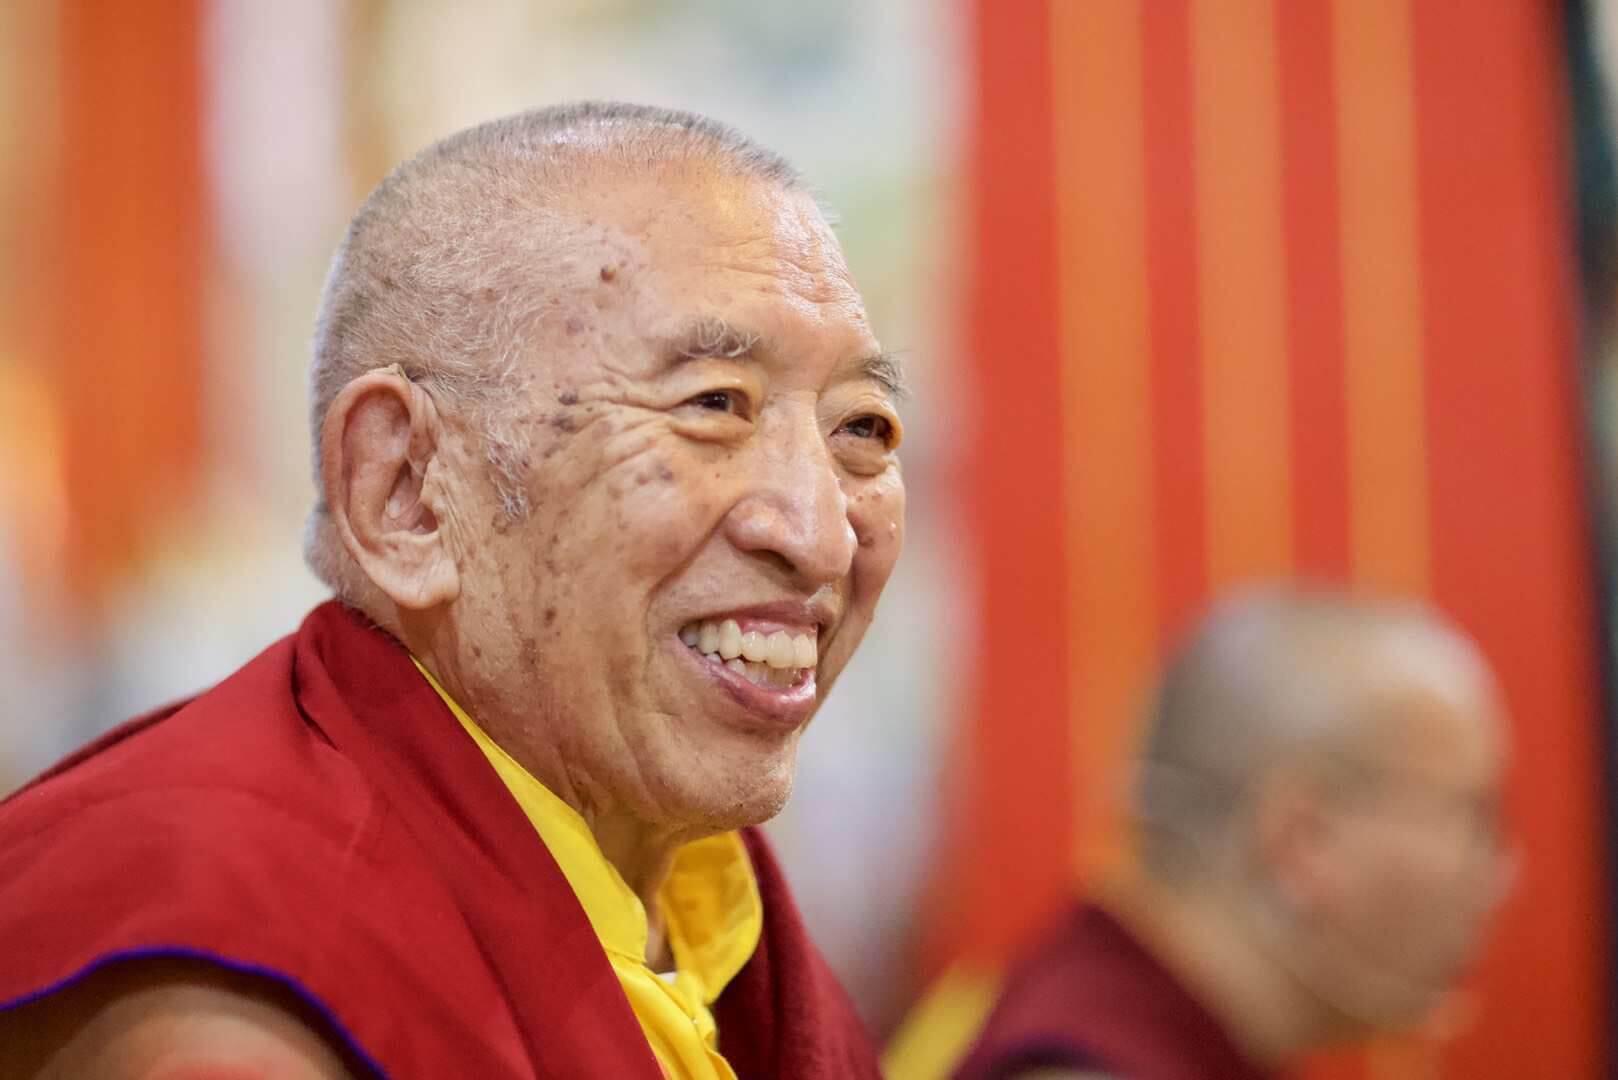 V.V. Khenchen Thrangu Rinpoche